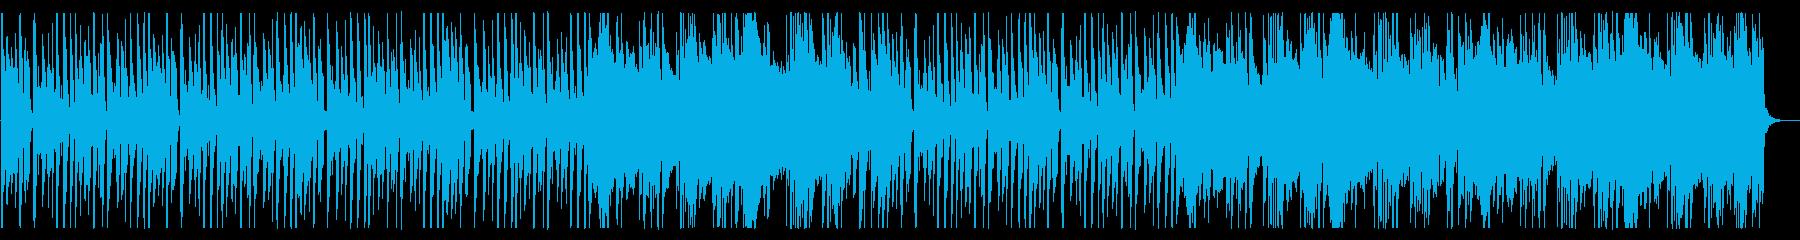 浮遊感が溢れるBGM_No580_1の再生済みの波形